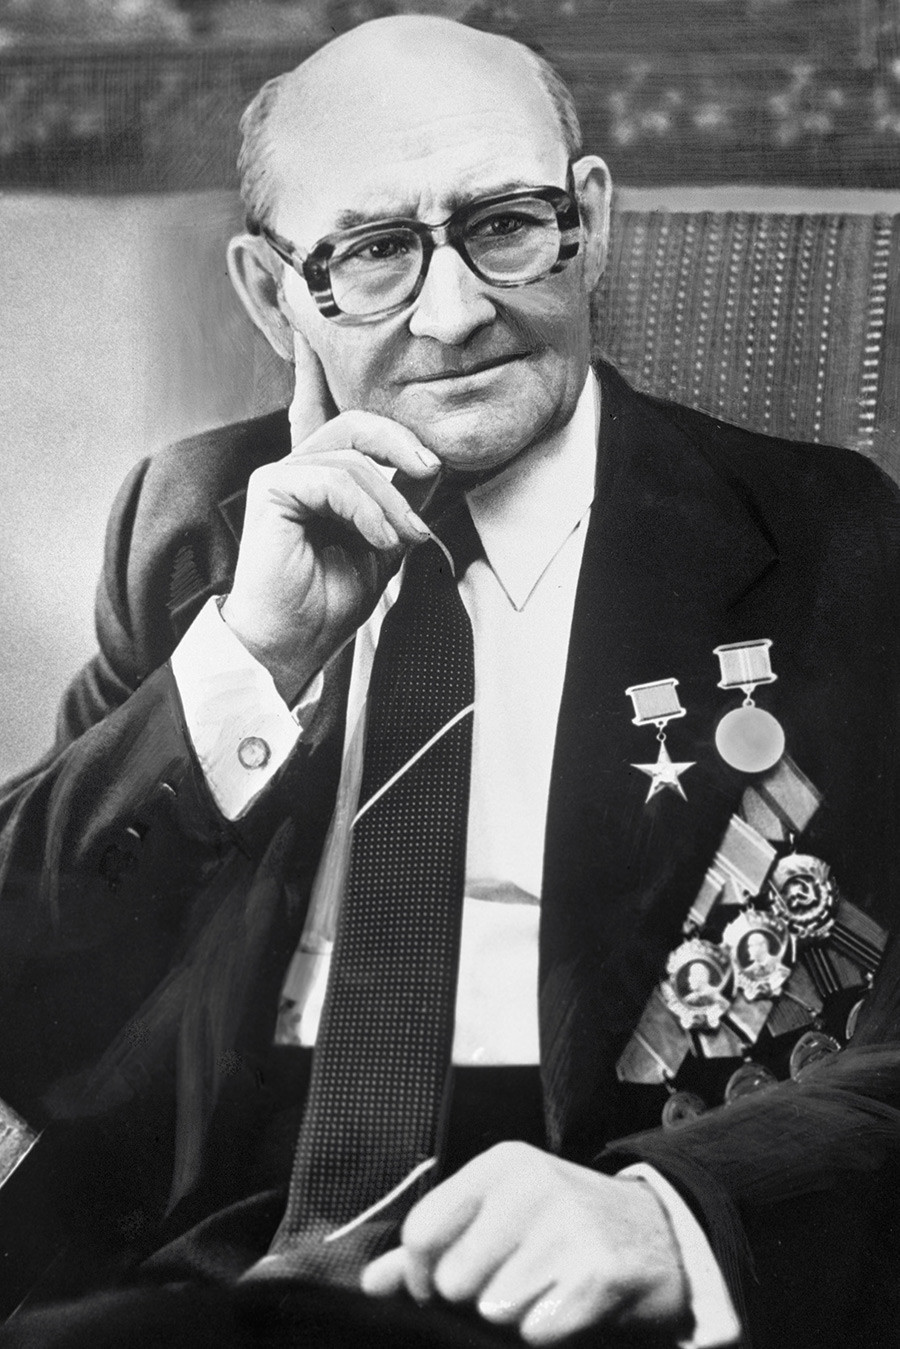 Николај Фјодорович Макаров, совјетски конструктор оружја. Херој социјалистичког рада, добитник Стаљинове награде и Државне награде СССР-а. Почасни грађанин Тулске области.